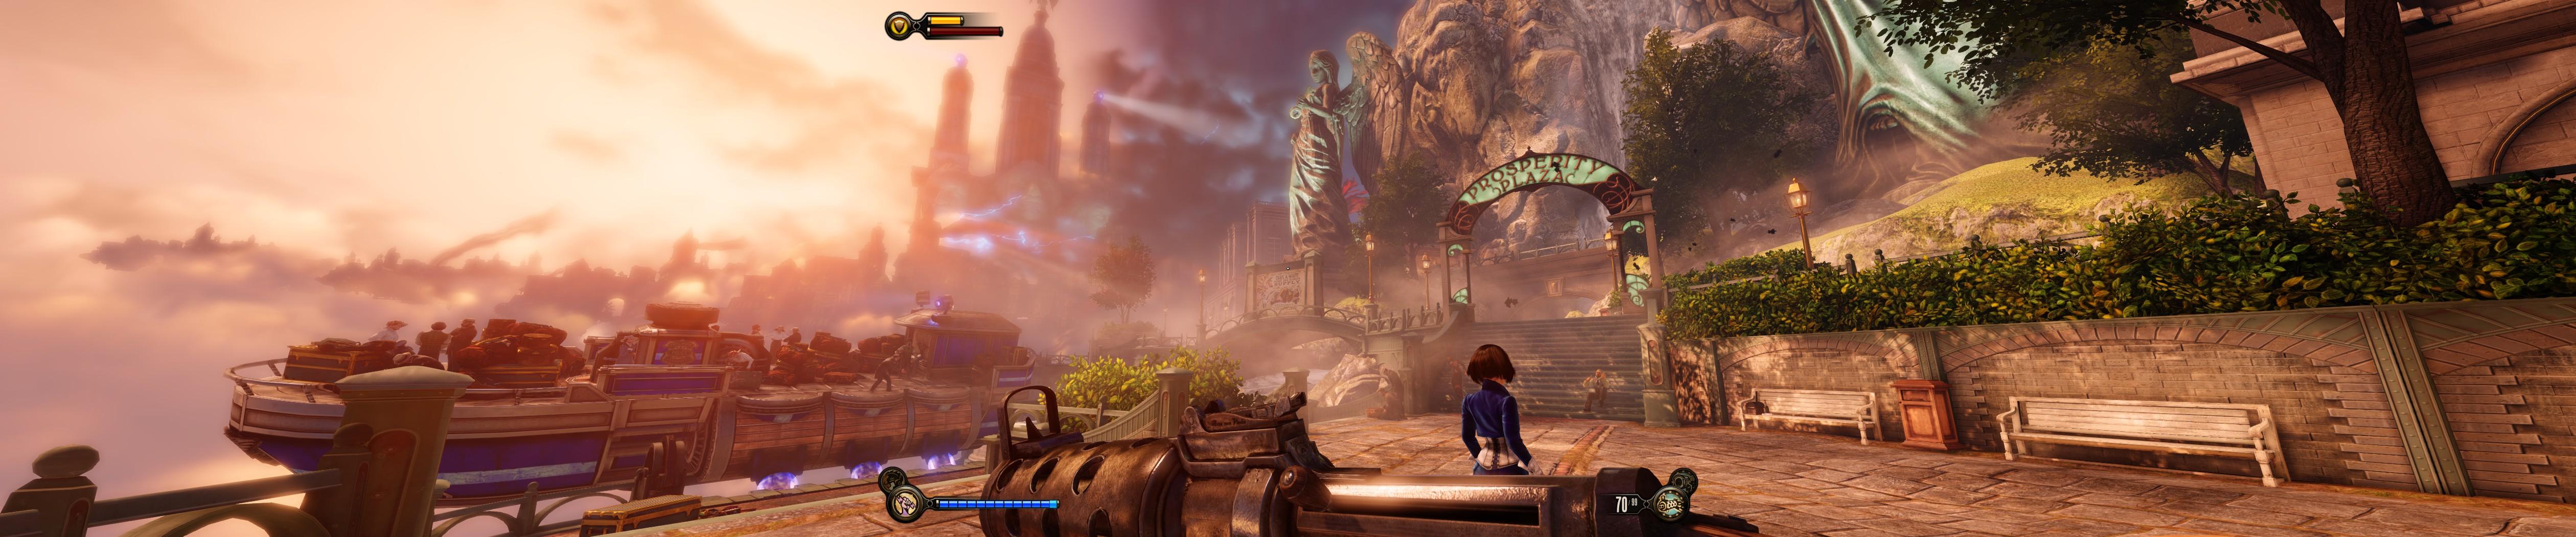 Bioshock_Infinite_2013-05-14_00056